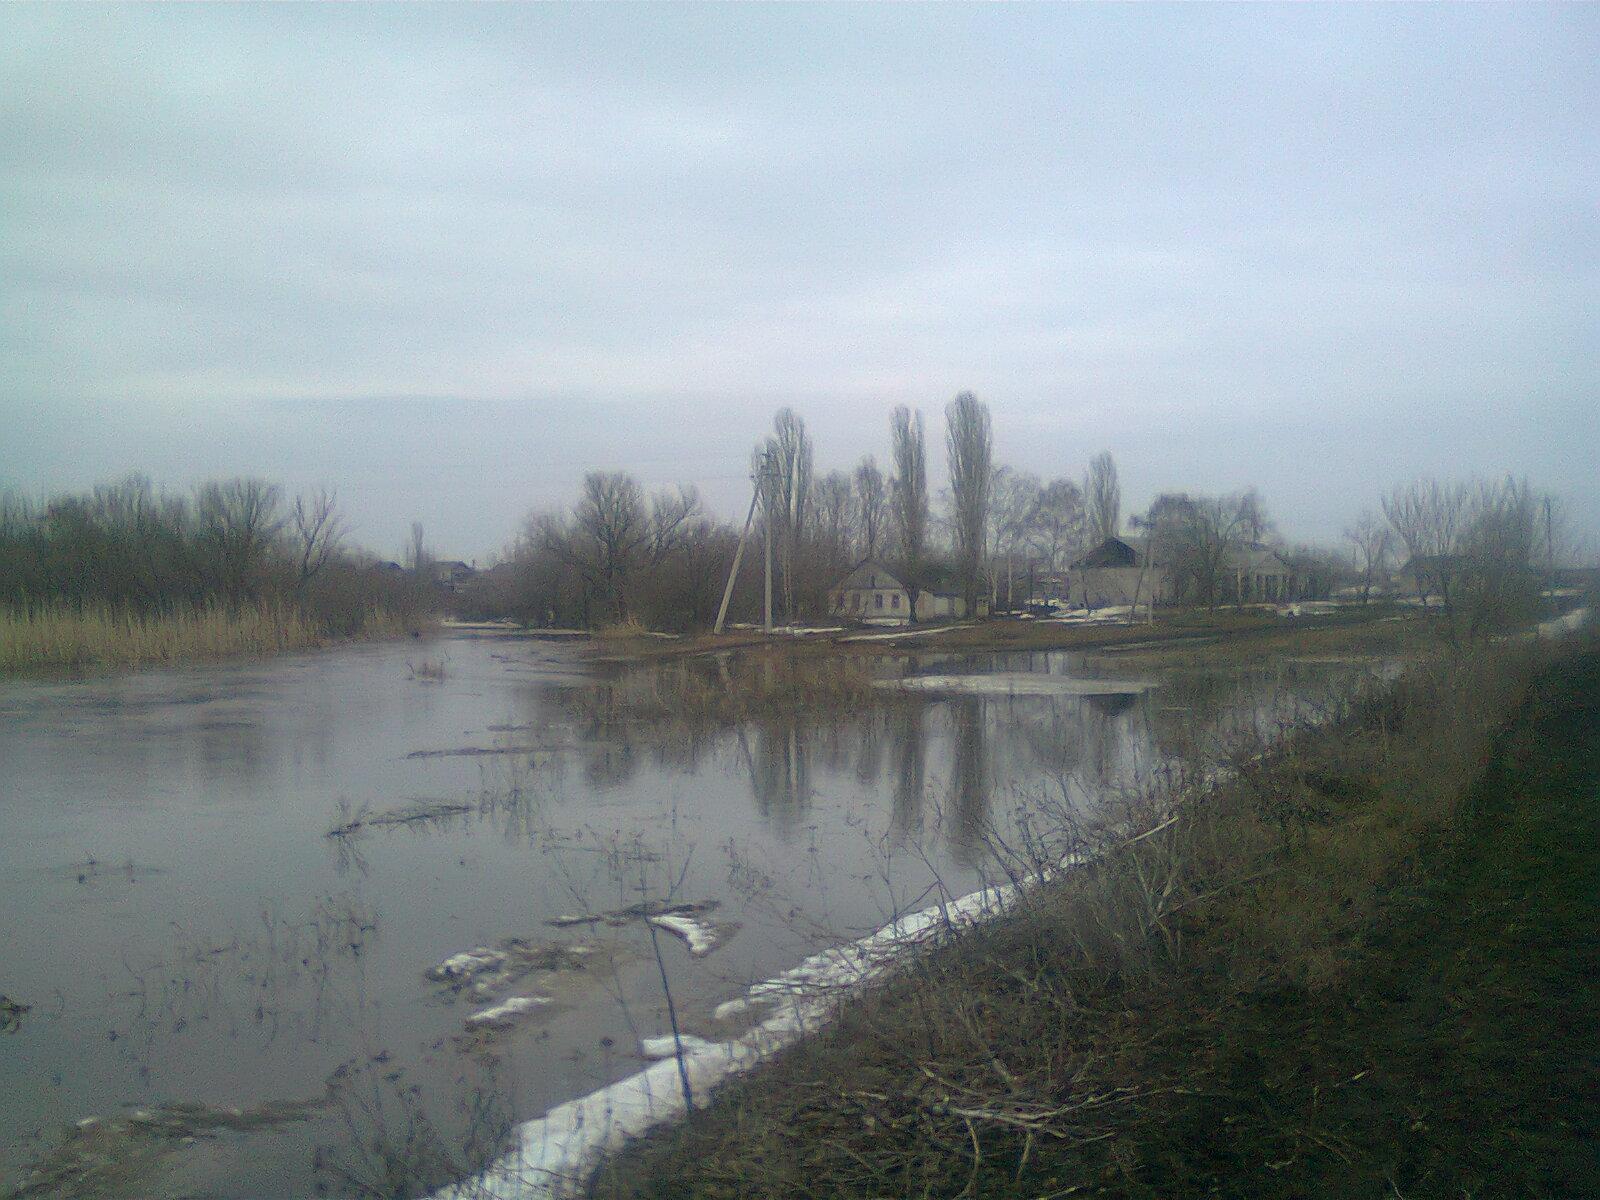 Прокурор аркадакского района саратовской области обратился в суд с иском к местному спиртзаводу